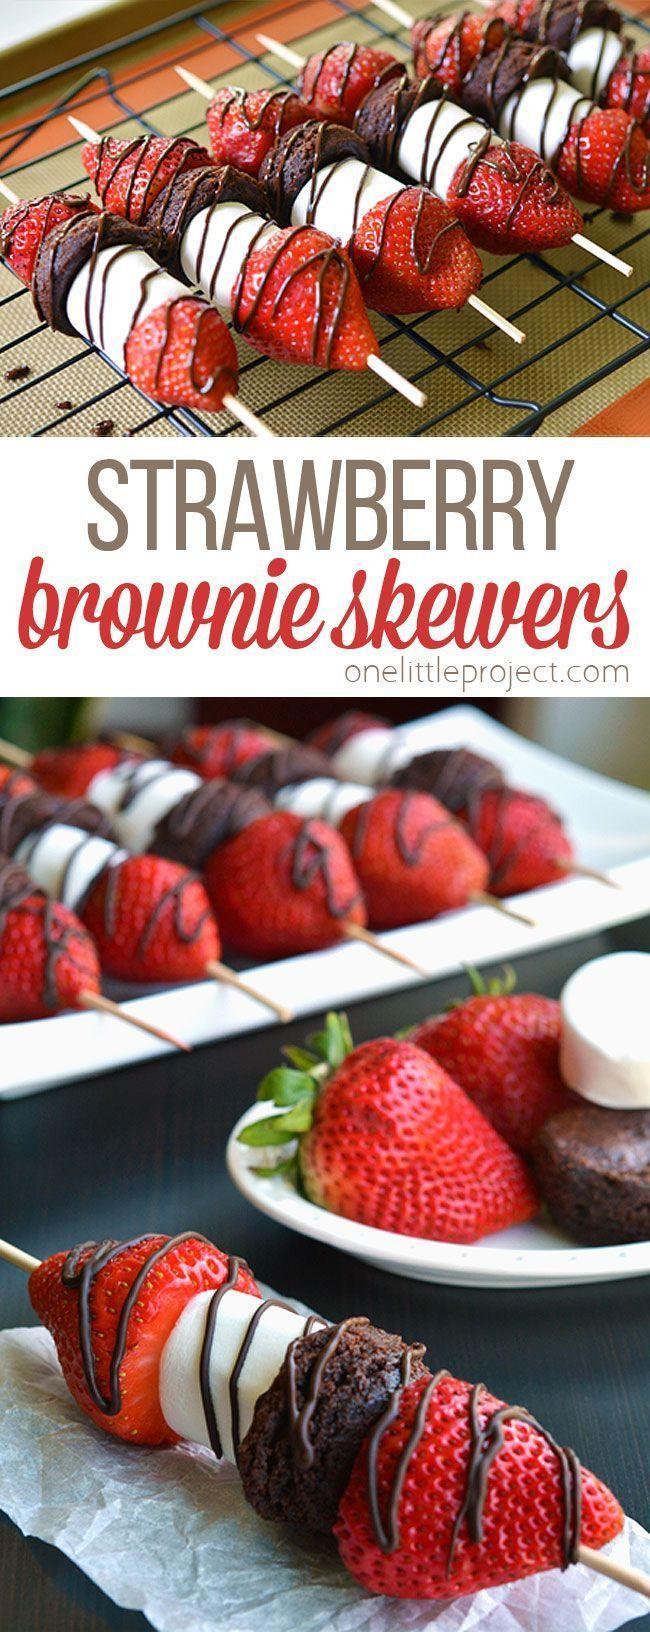 Photo of Strawberry Brownie Skewers – Best Image Portal